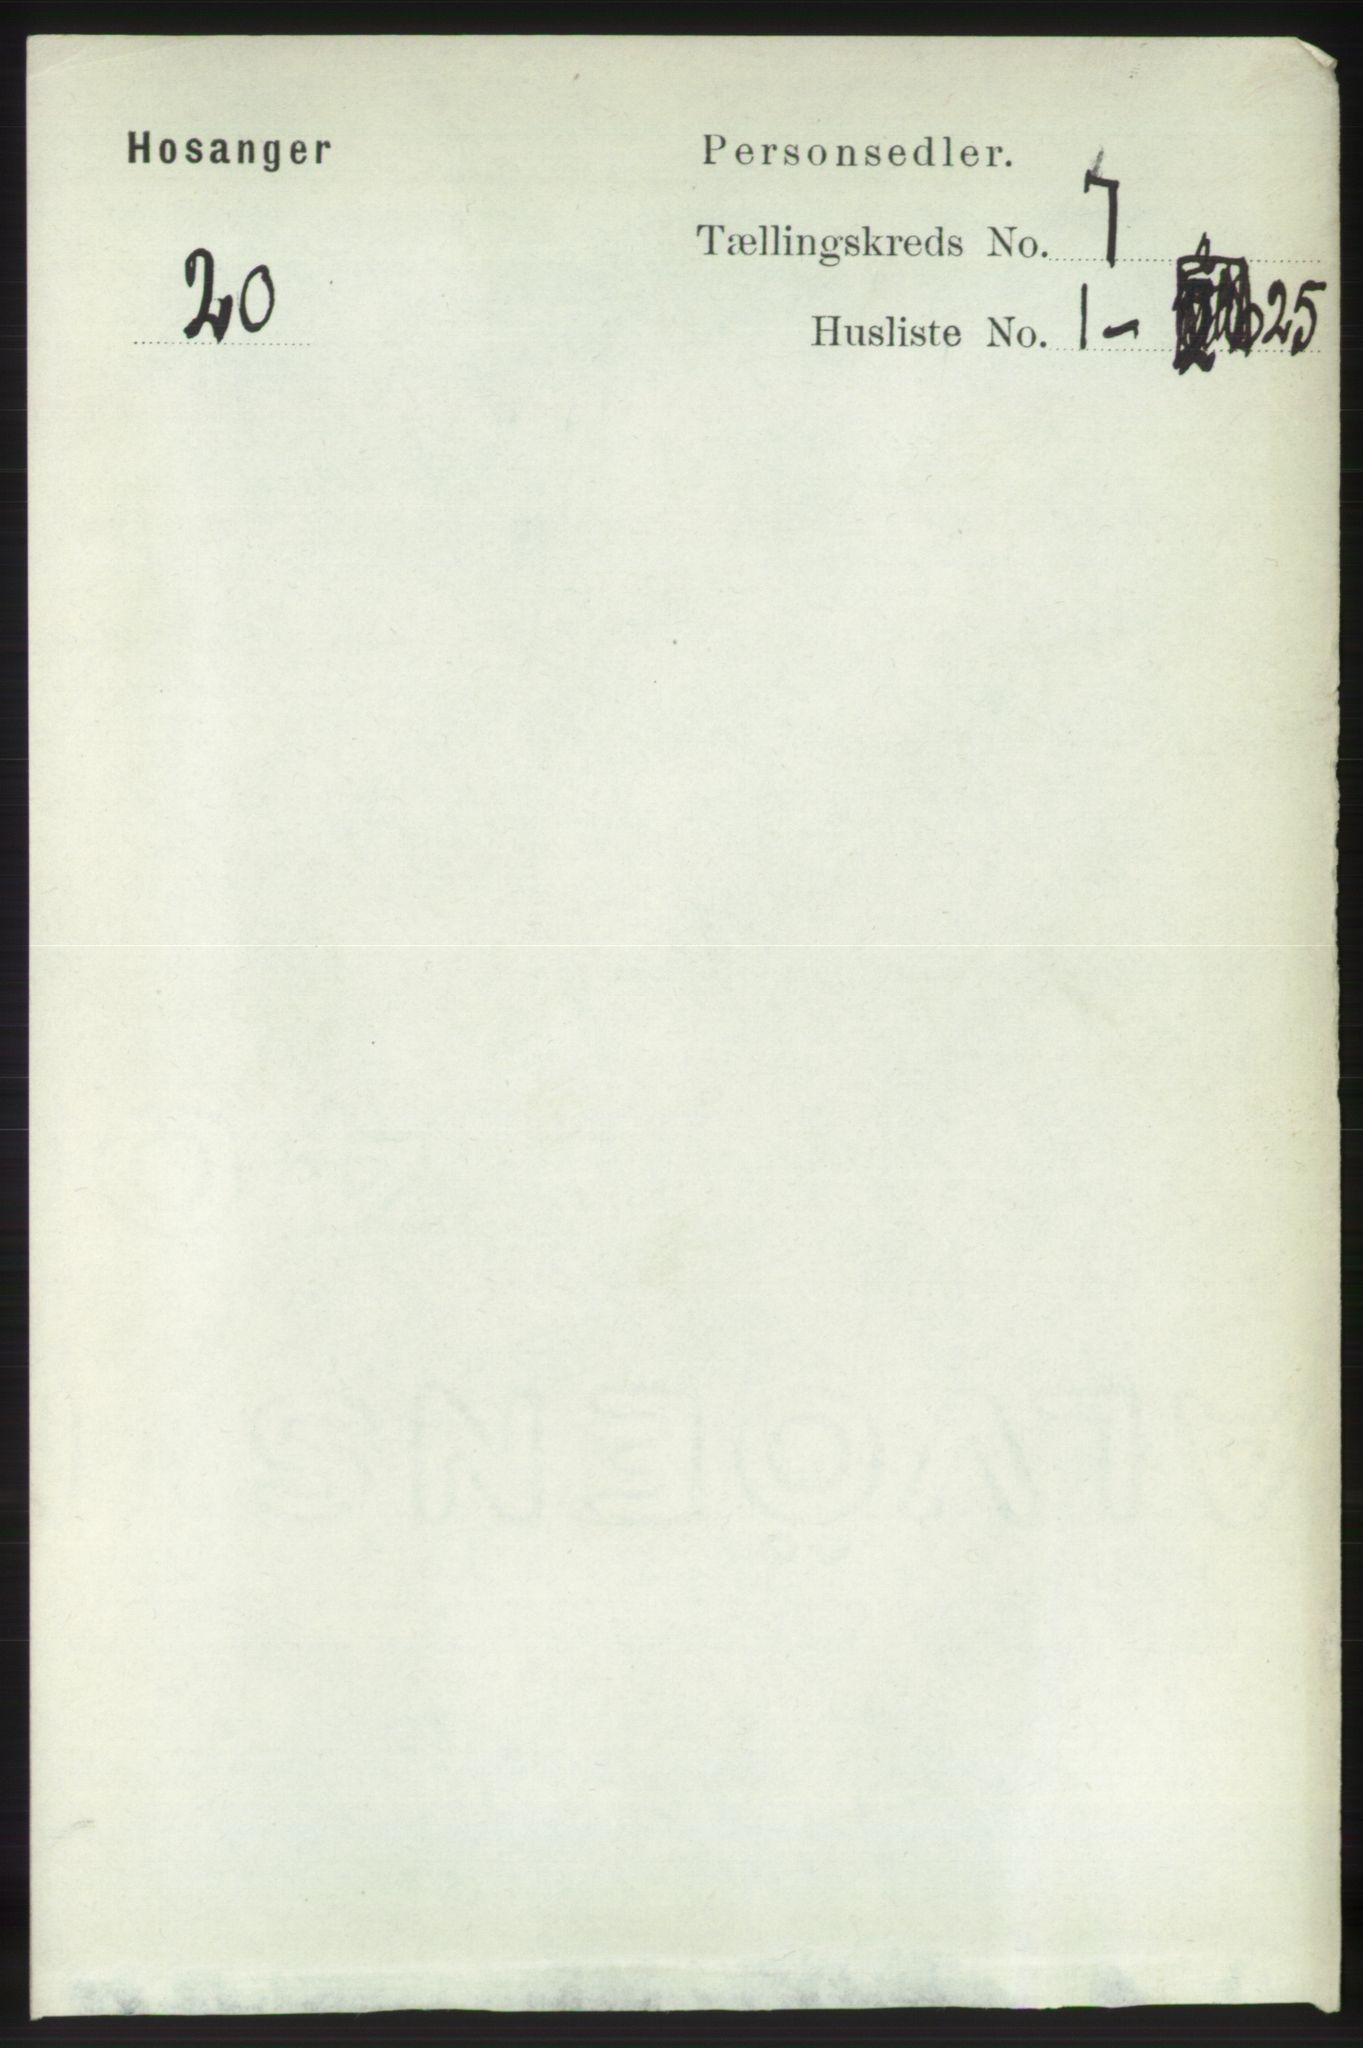 RA, Folketelling 1891 for 1253 Hosanger herred, 1891, s. 2490